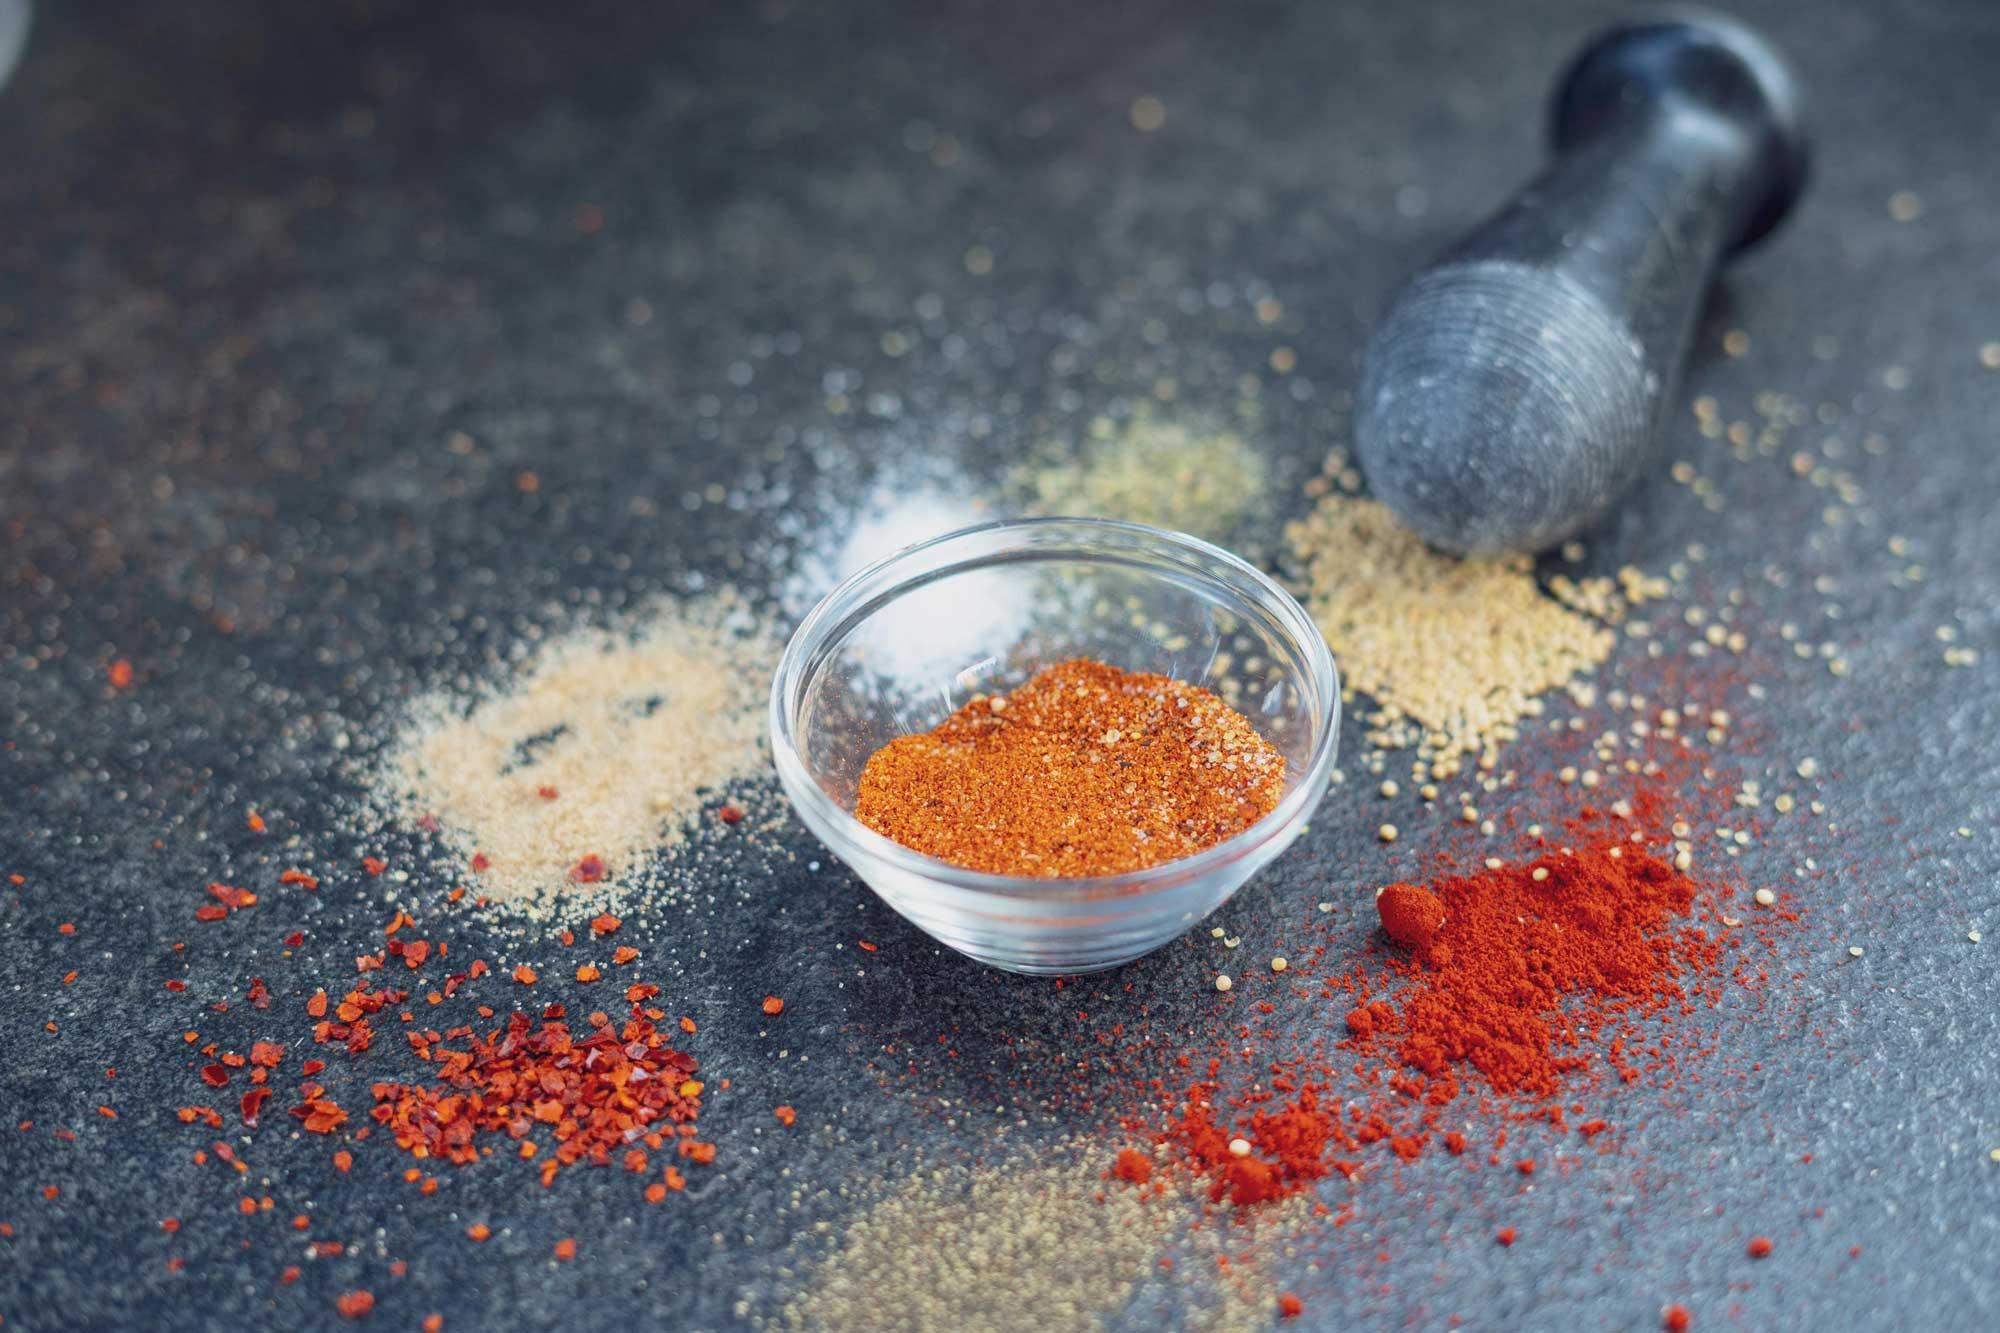 Die Zutaten für den Magic Dust BBQ Rub liegen bereit